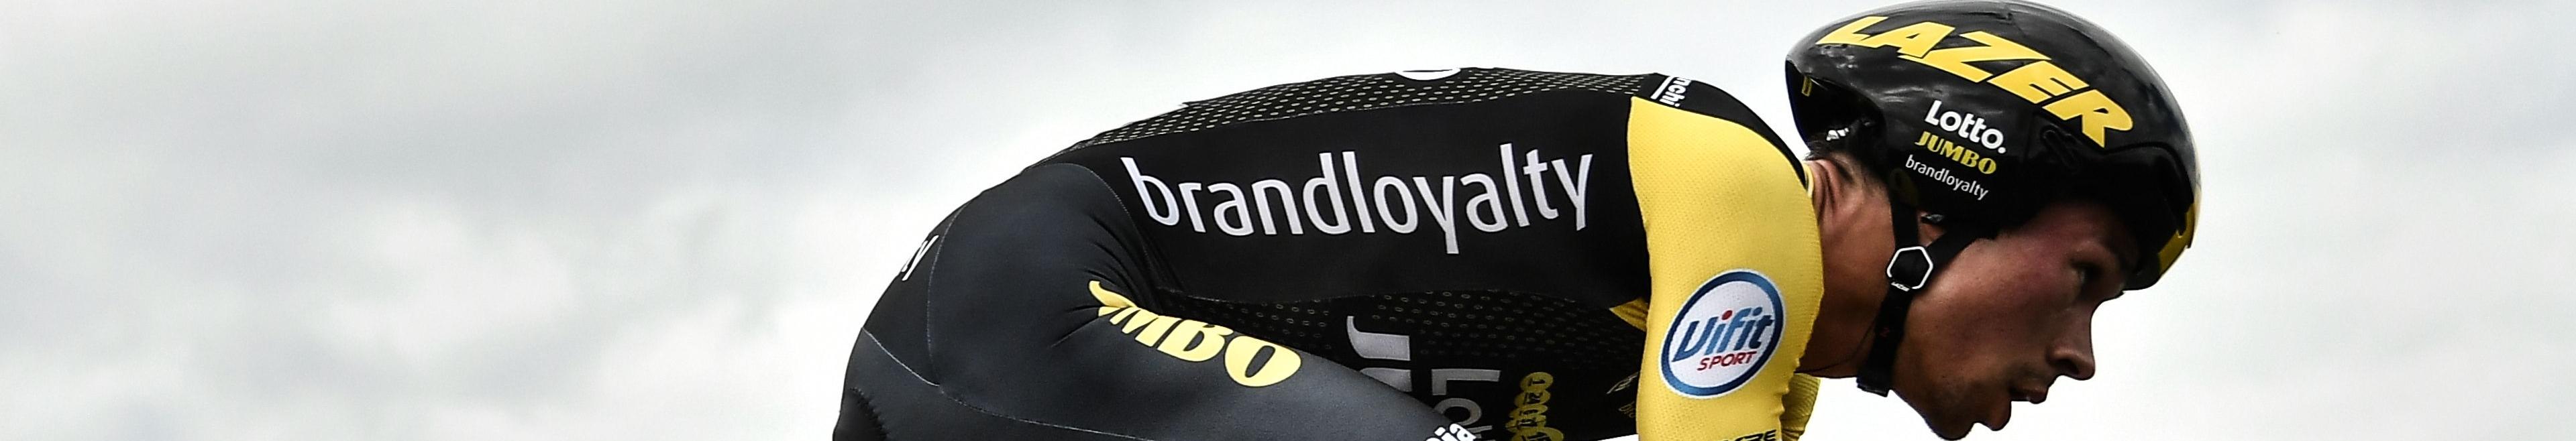 Vuelta 2019, tappa 1: crono a squadre, Team-Jumbo squadra da battere